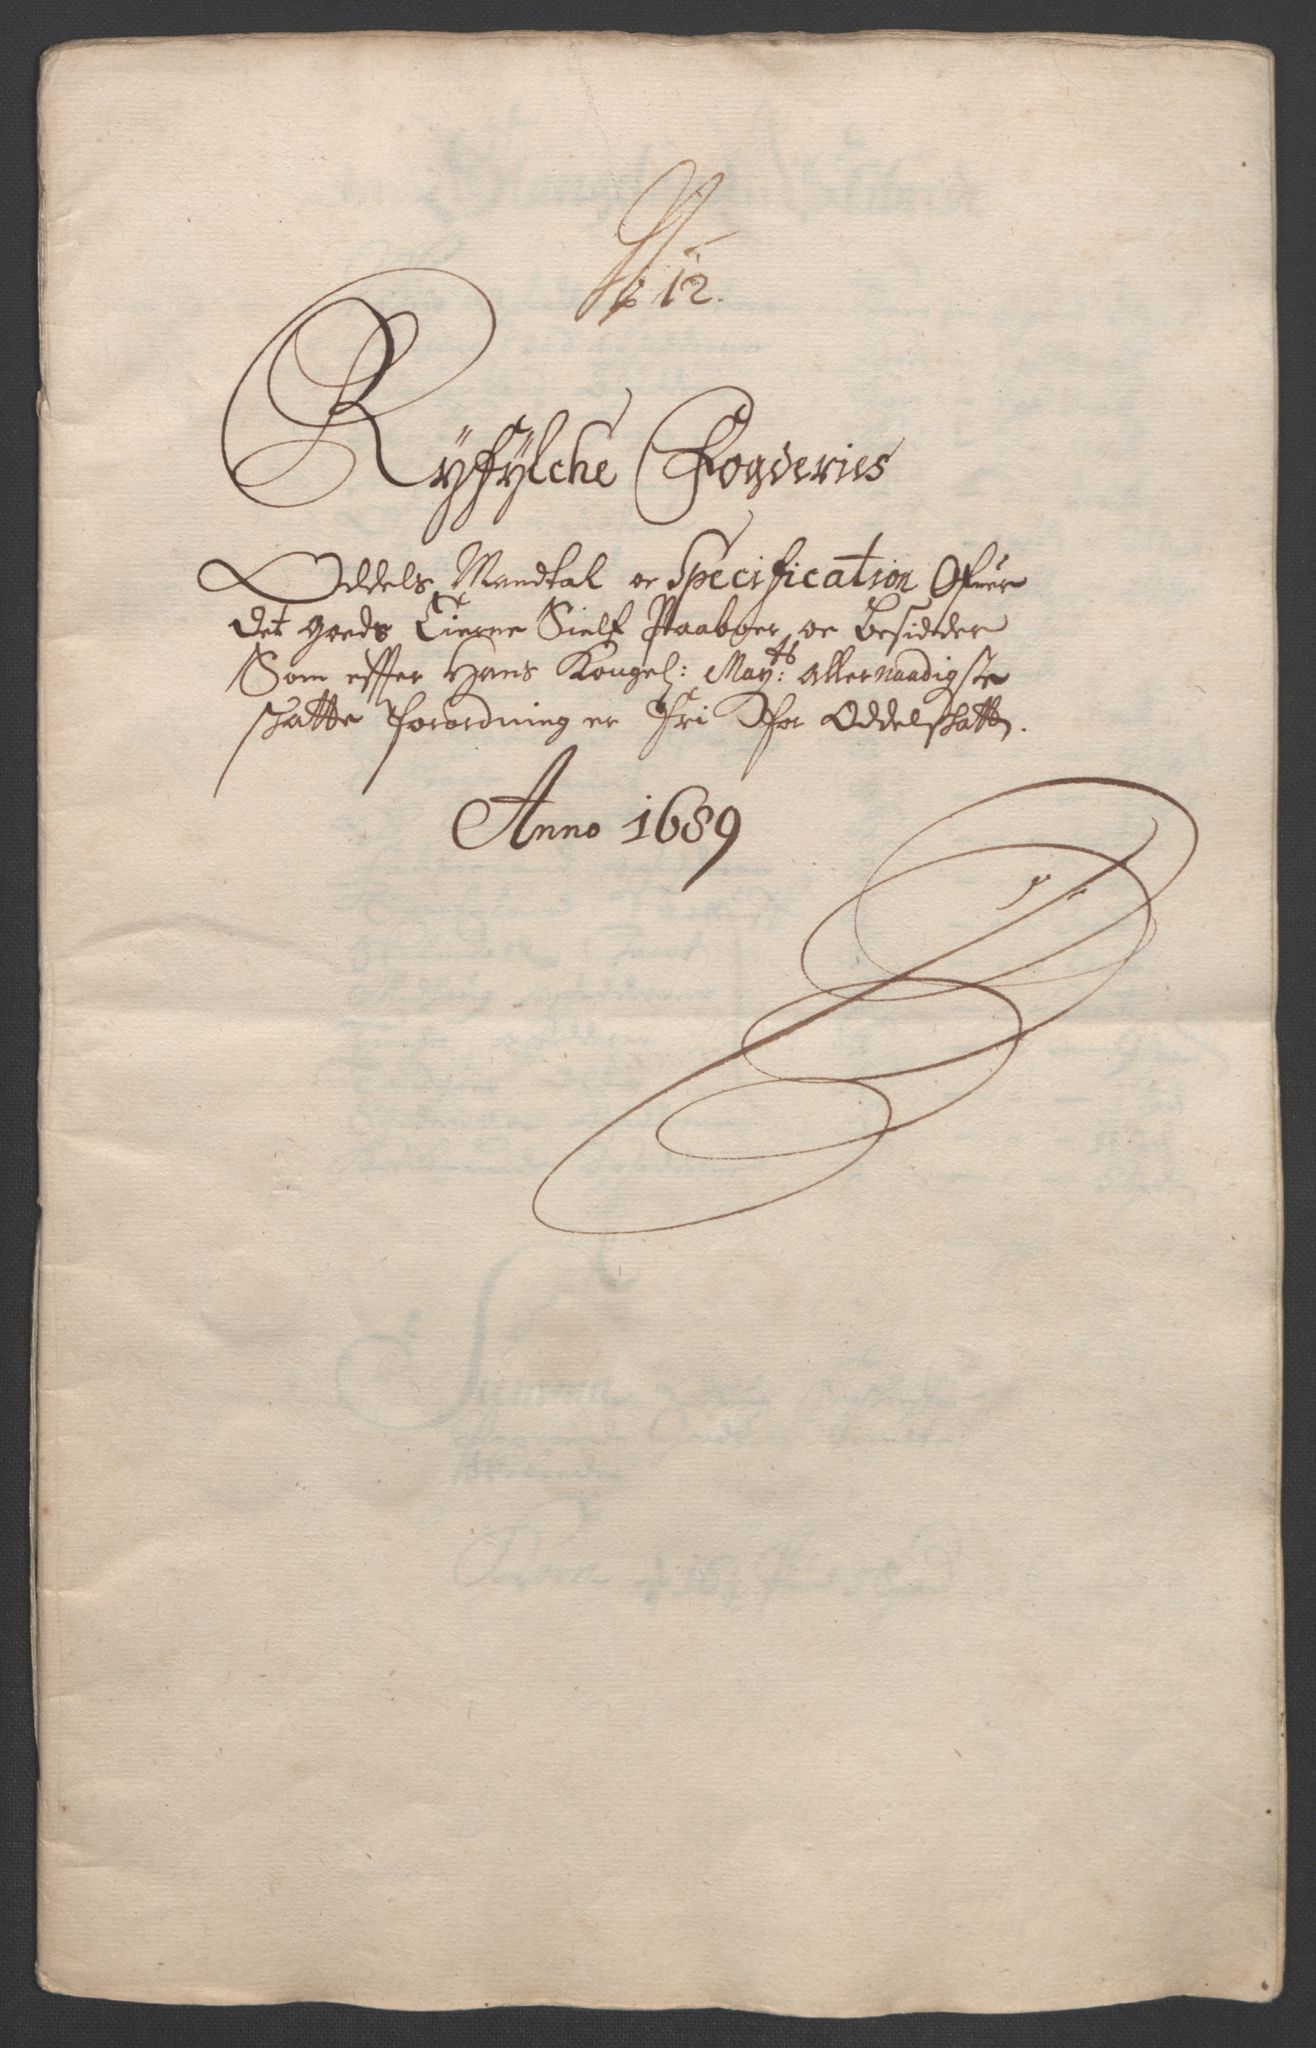 RA, Rentekammeret inntil 1814, Reviderte regnskaper, Fogderegnskap, R47/L2856: Fogderegnskap Ryfylke, 1689-1693, s. 98